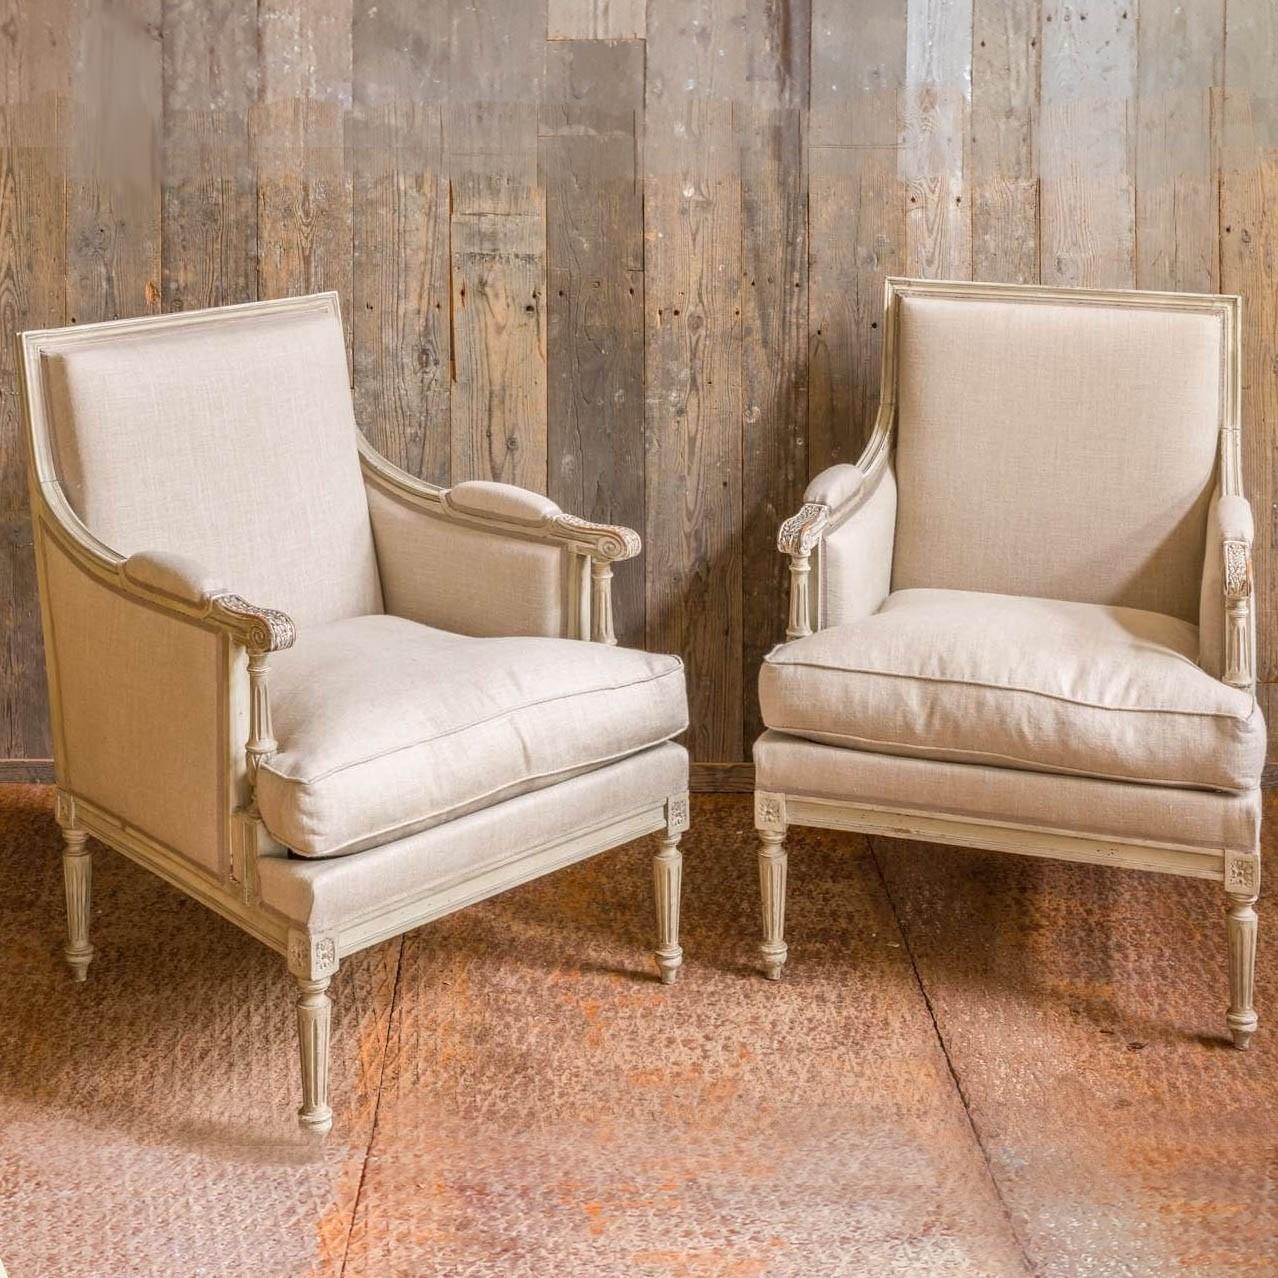 Stel grote 19e eeuwse gerestaureerde Bergères fauteuils